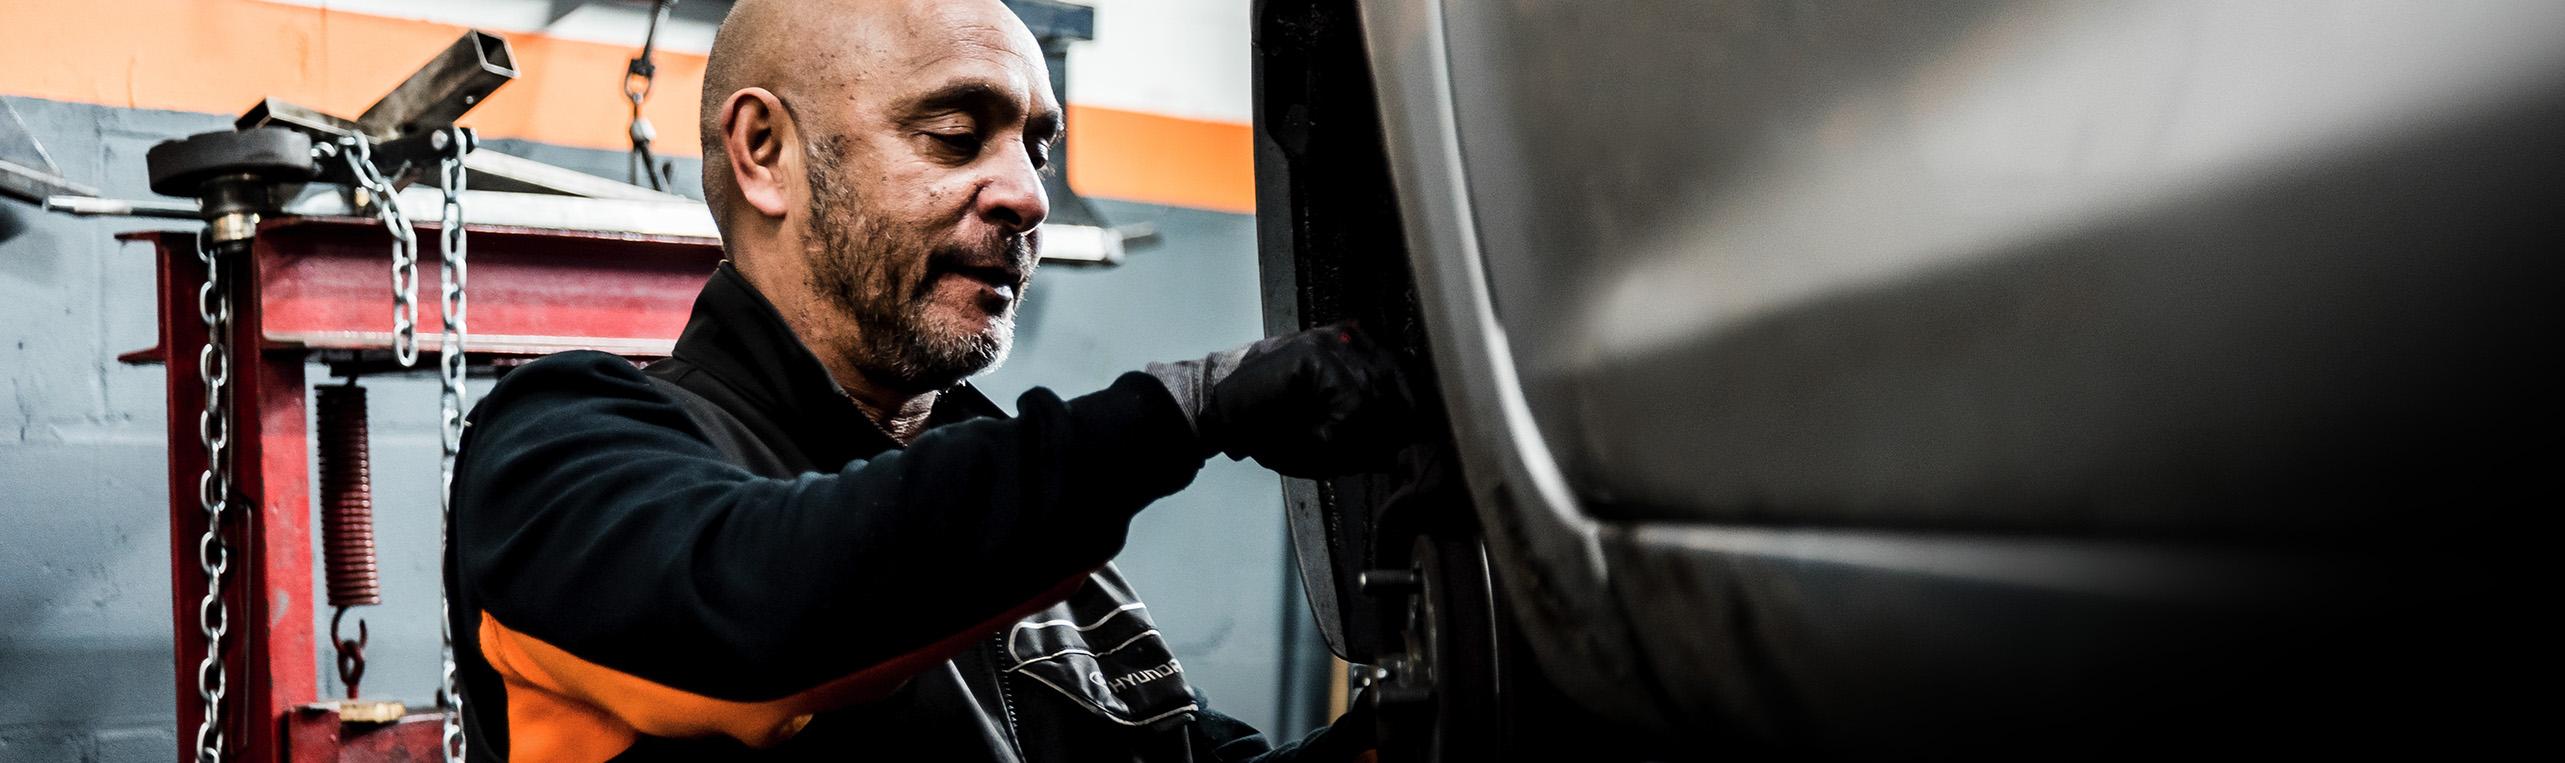 Schade en reparatie afhandeling bij Carprof Autobedrijf Schuurmans